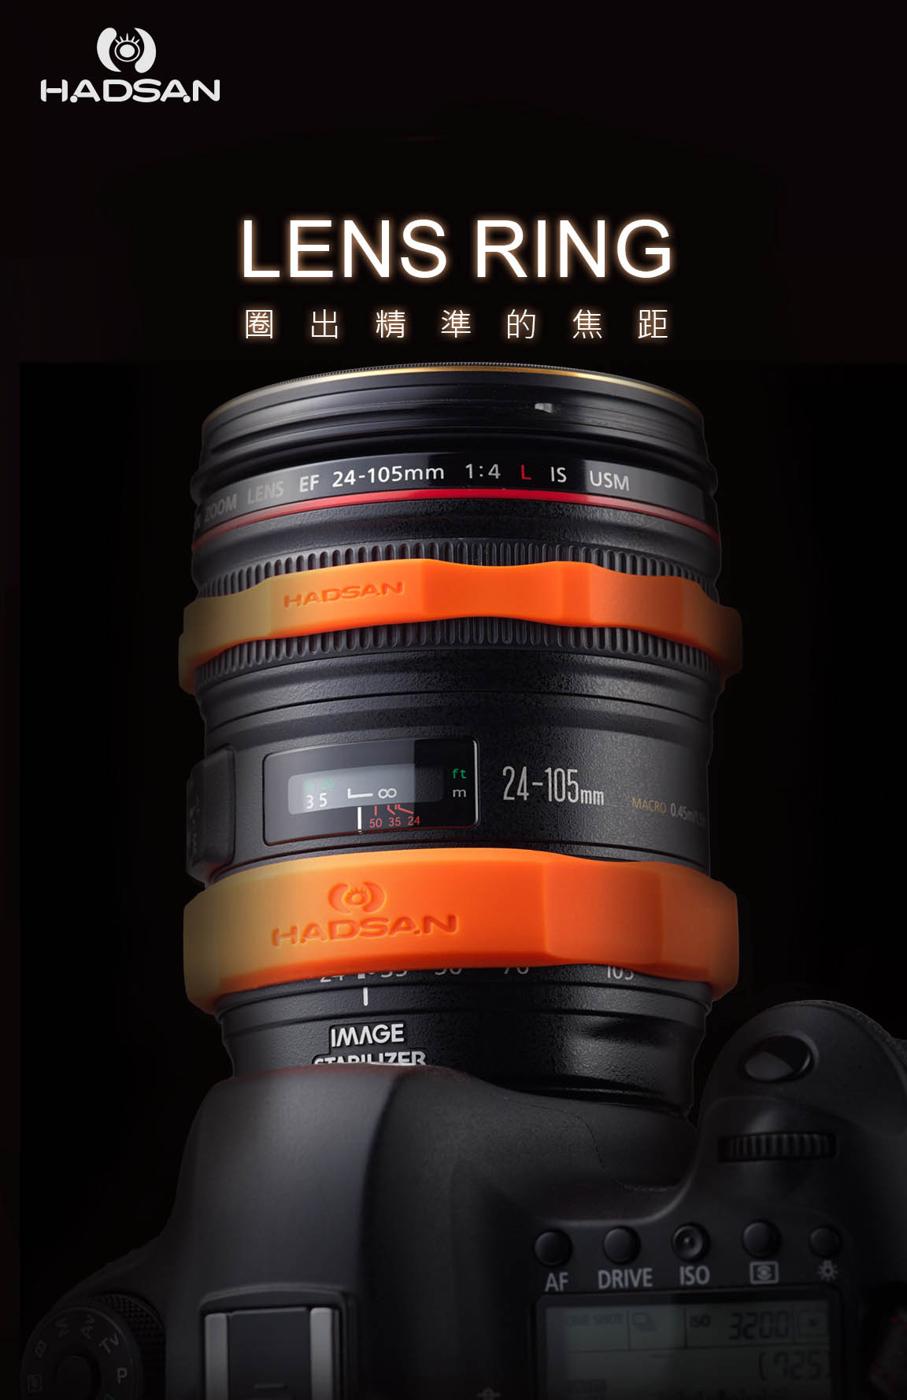 呈現攝影-HADSAN鏡頭對焦環組橘色鏡頭環對焦環各1無毒矽膠單眼鏡頭相機